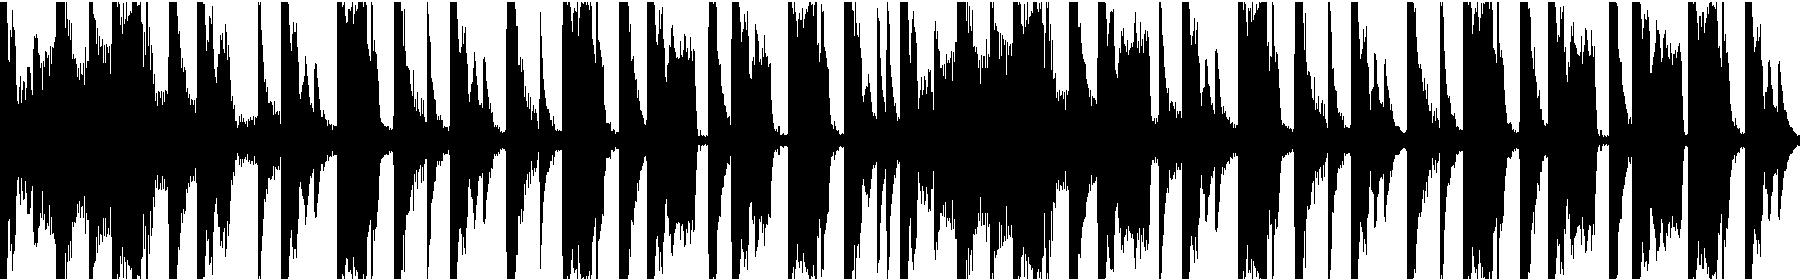 drumcode b